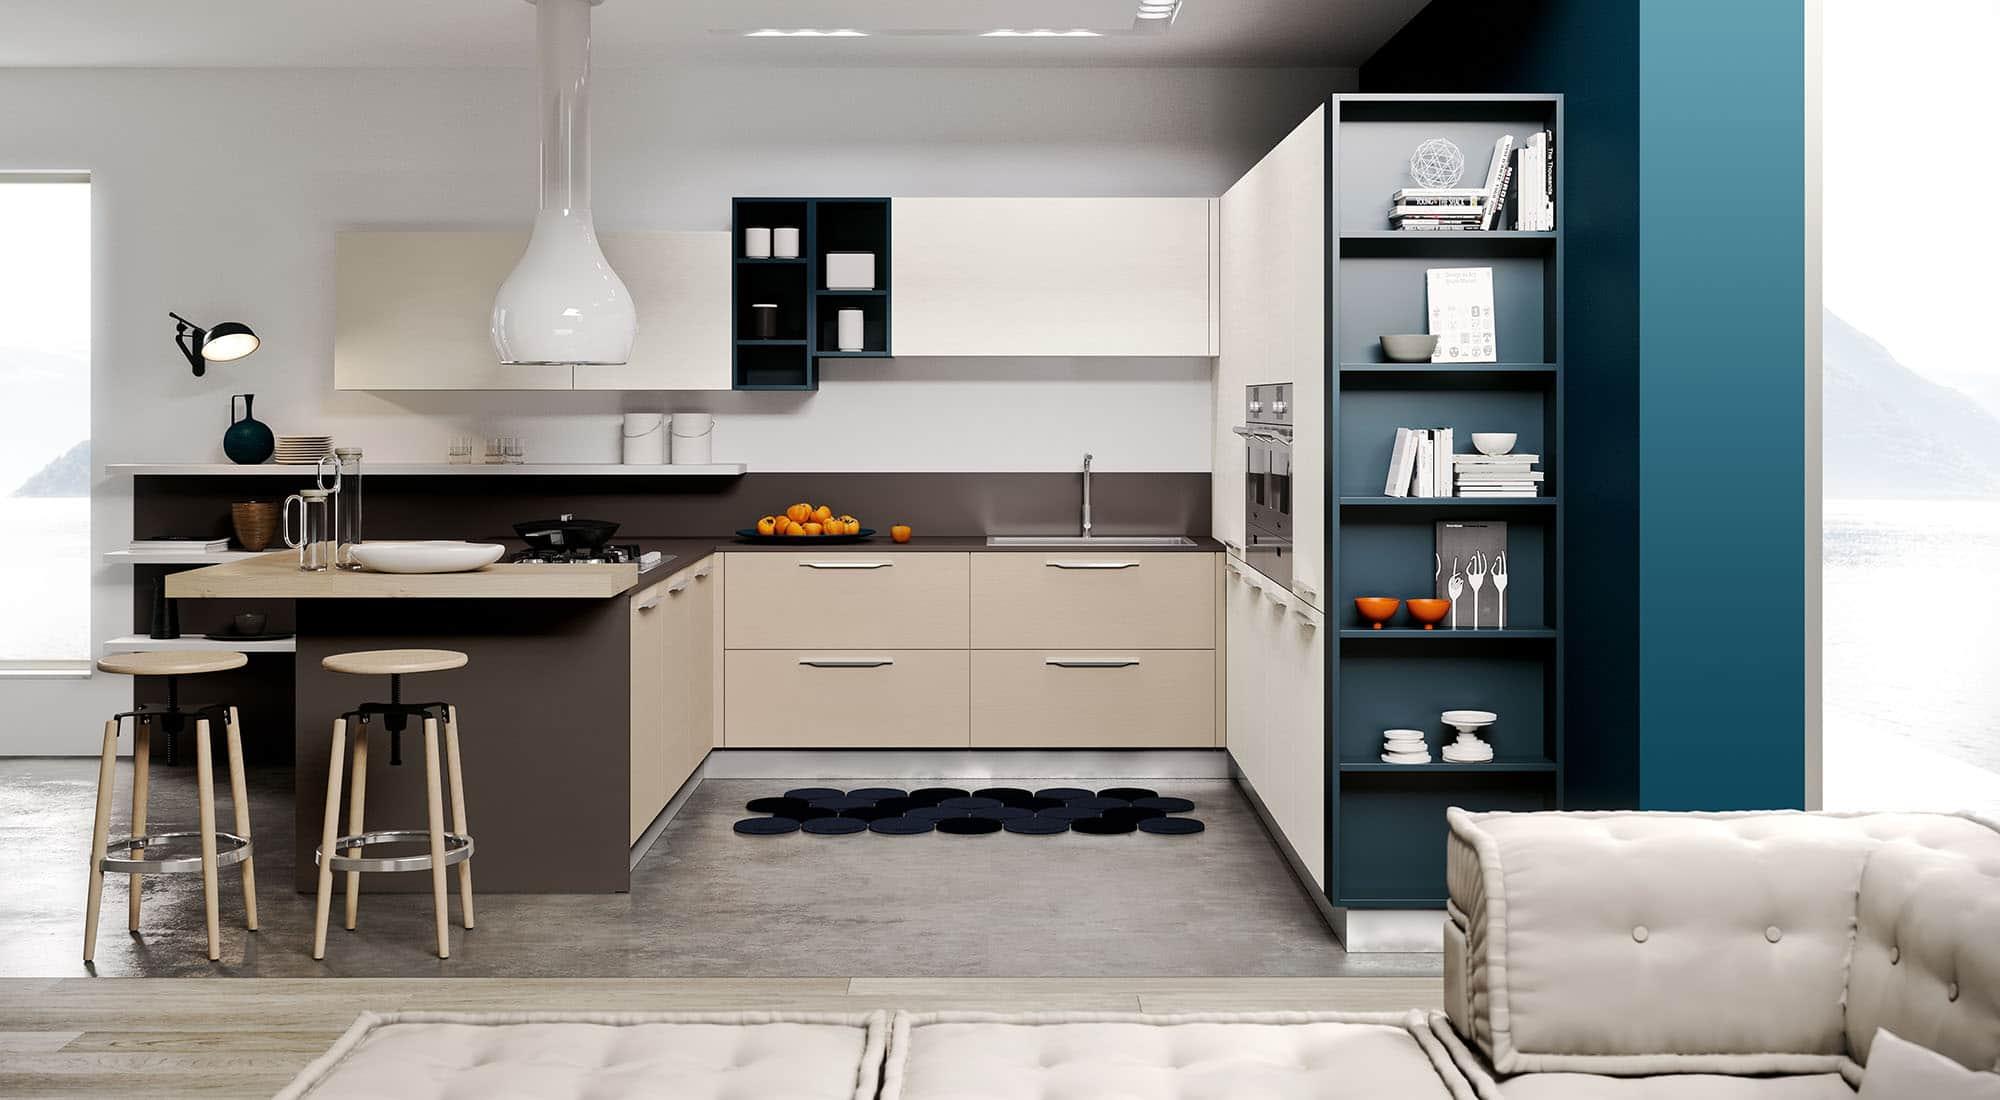 Vendita cucine padova negozio di arredamento cucine for Cucine arredo tre